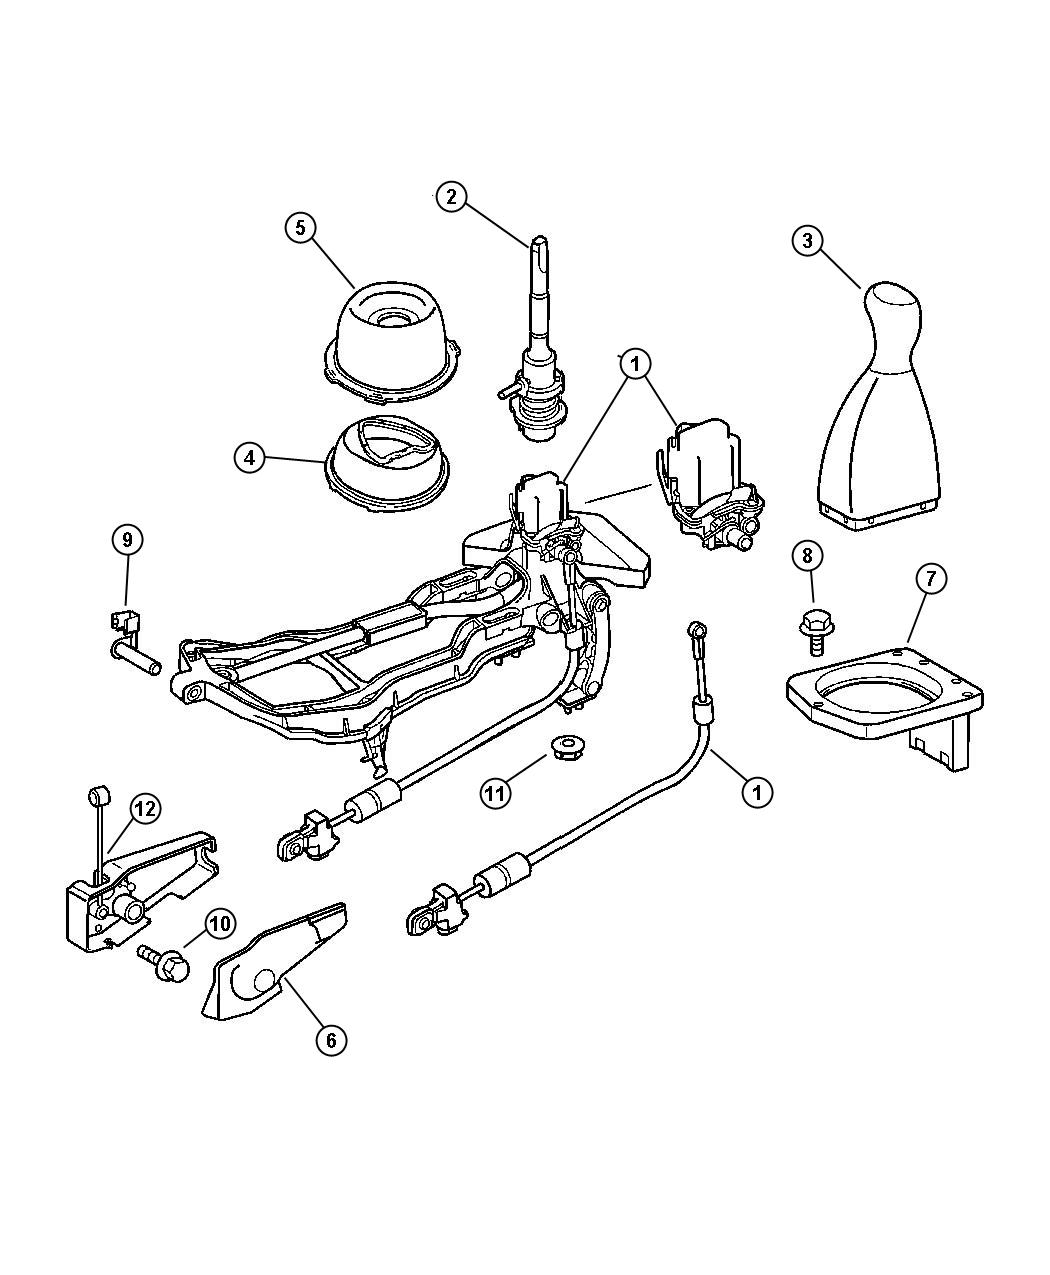 2006 Chrysler Crossfire Boot. Gearshift lever. Inside